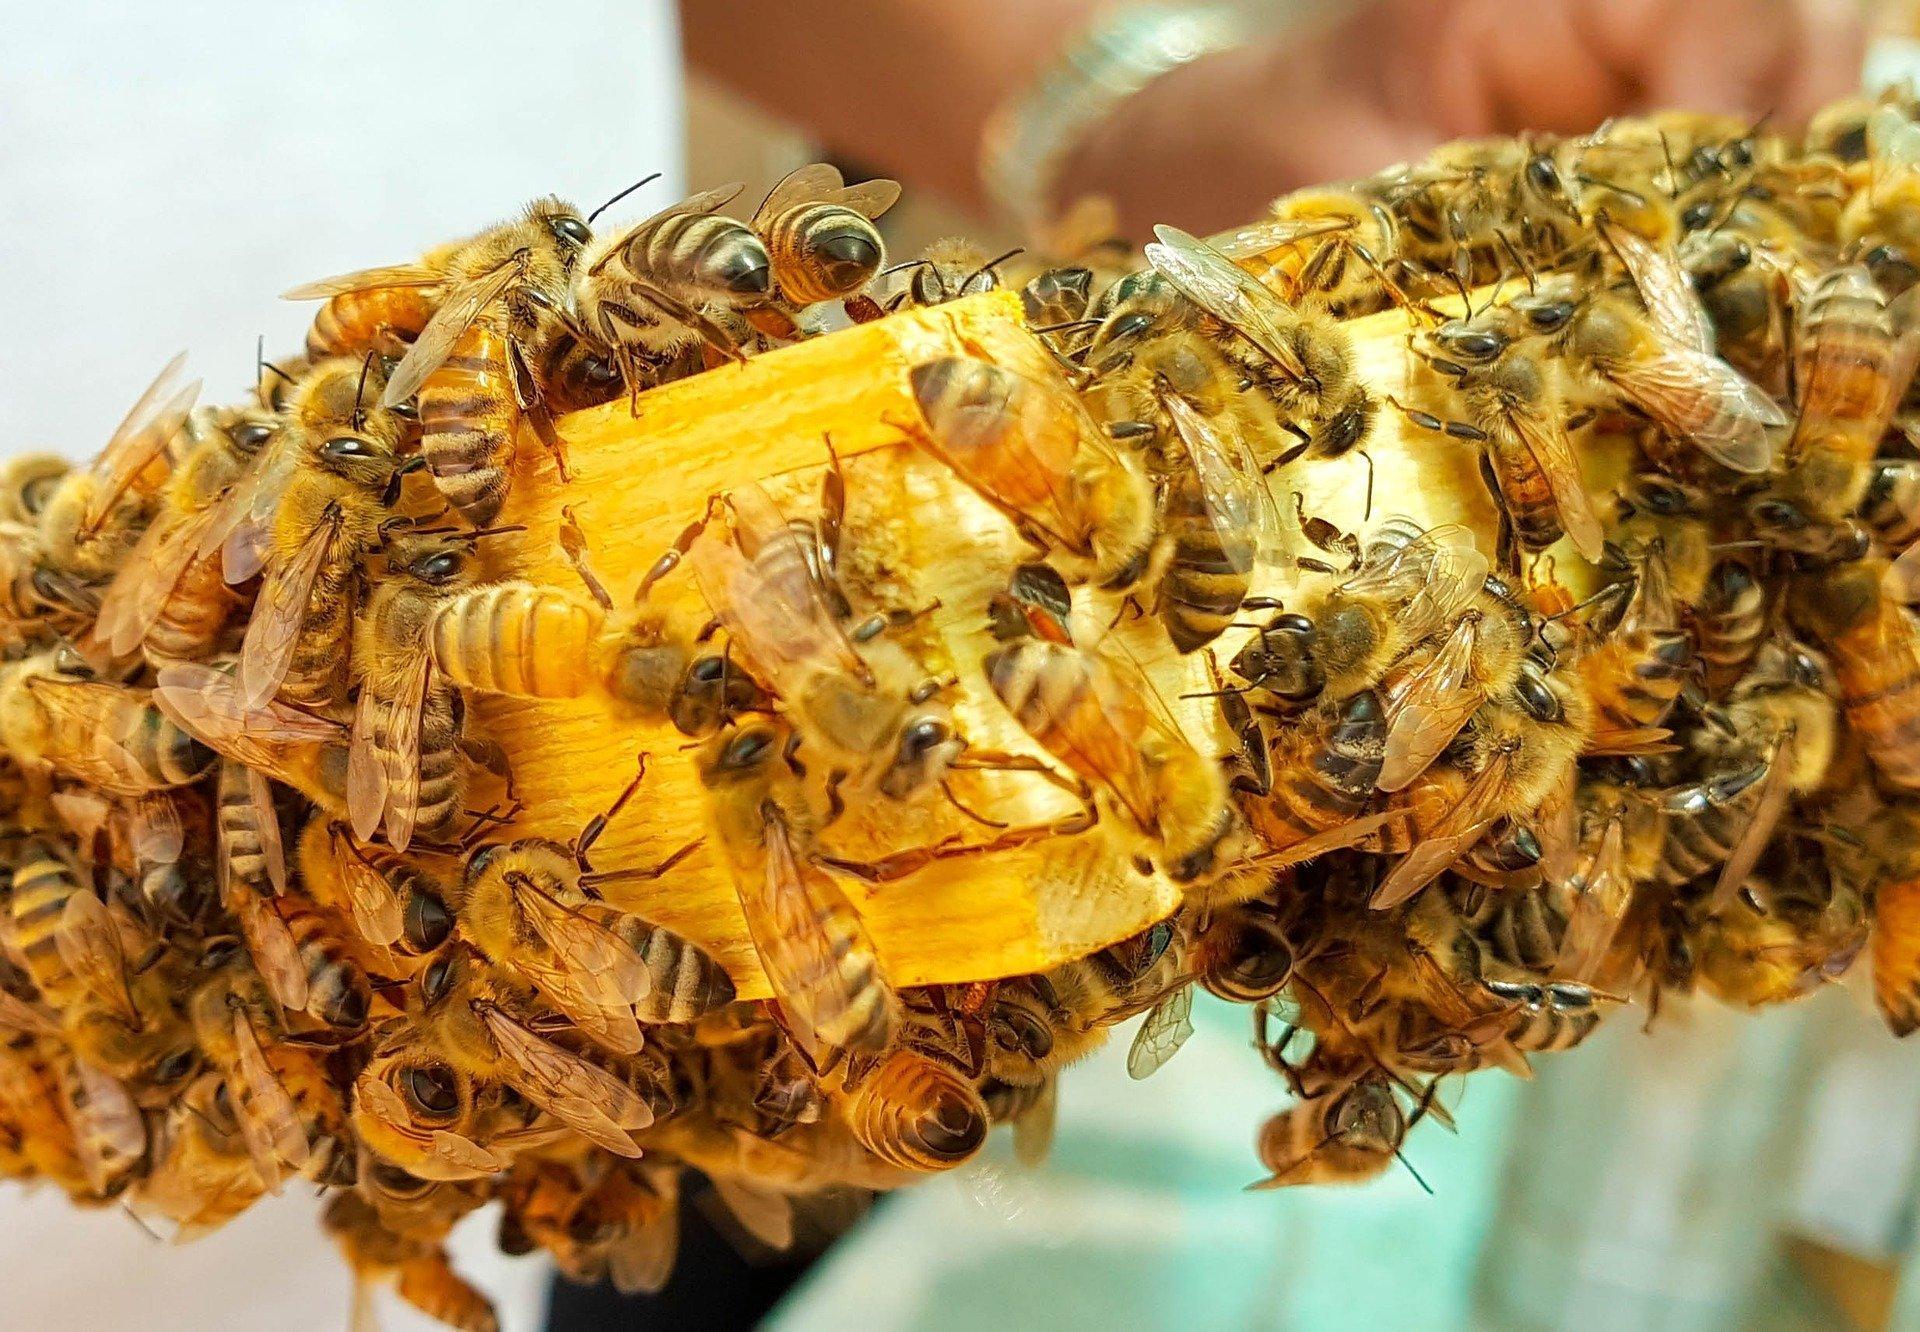 Las abejas no sólo viven alrededor de una reina, sino que casi toda su población está compuesta por hembras. El macho, mientras tanto, tienen un fin meramente reproductivo y, tras completar su función, muere.